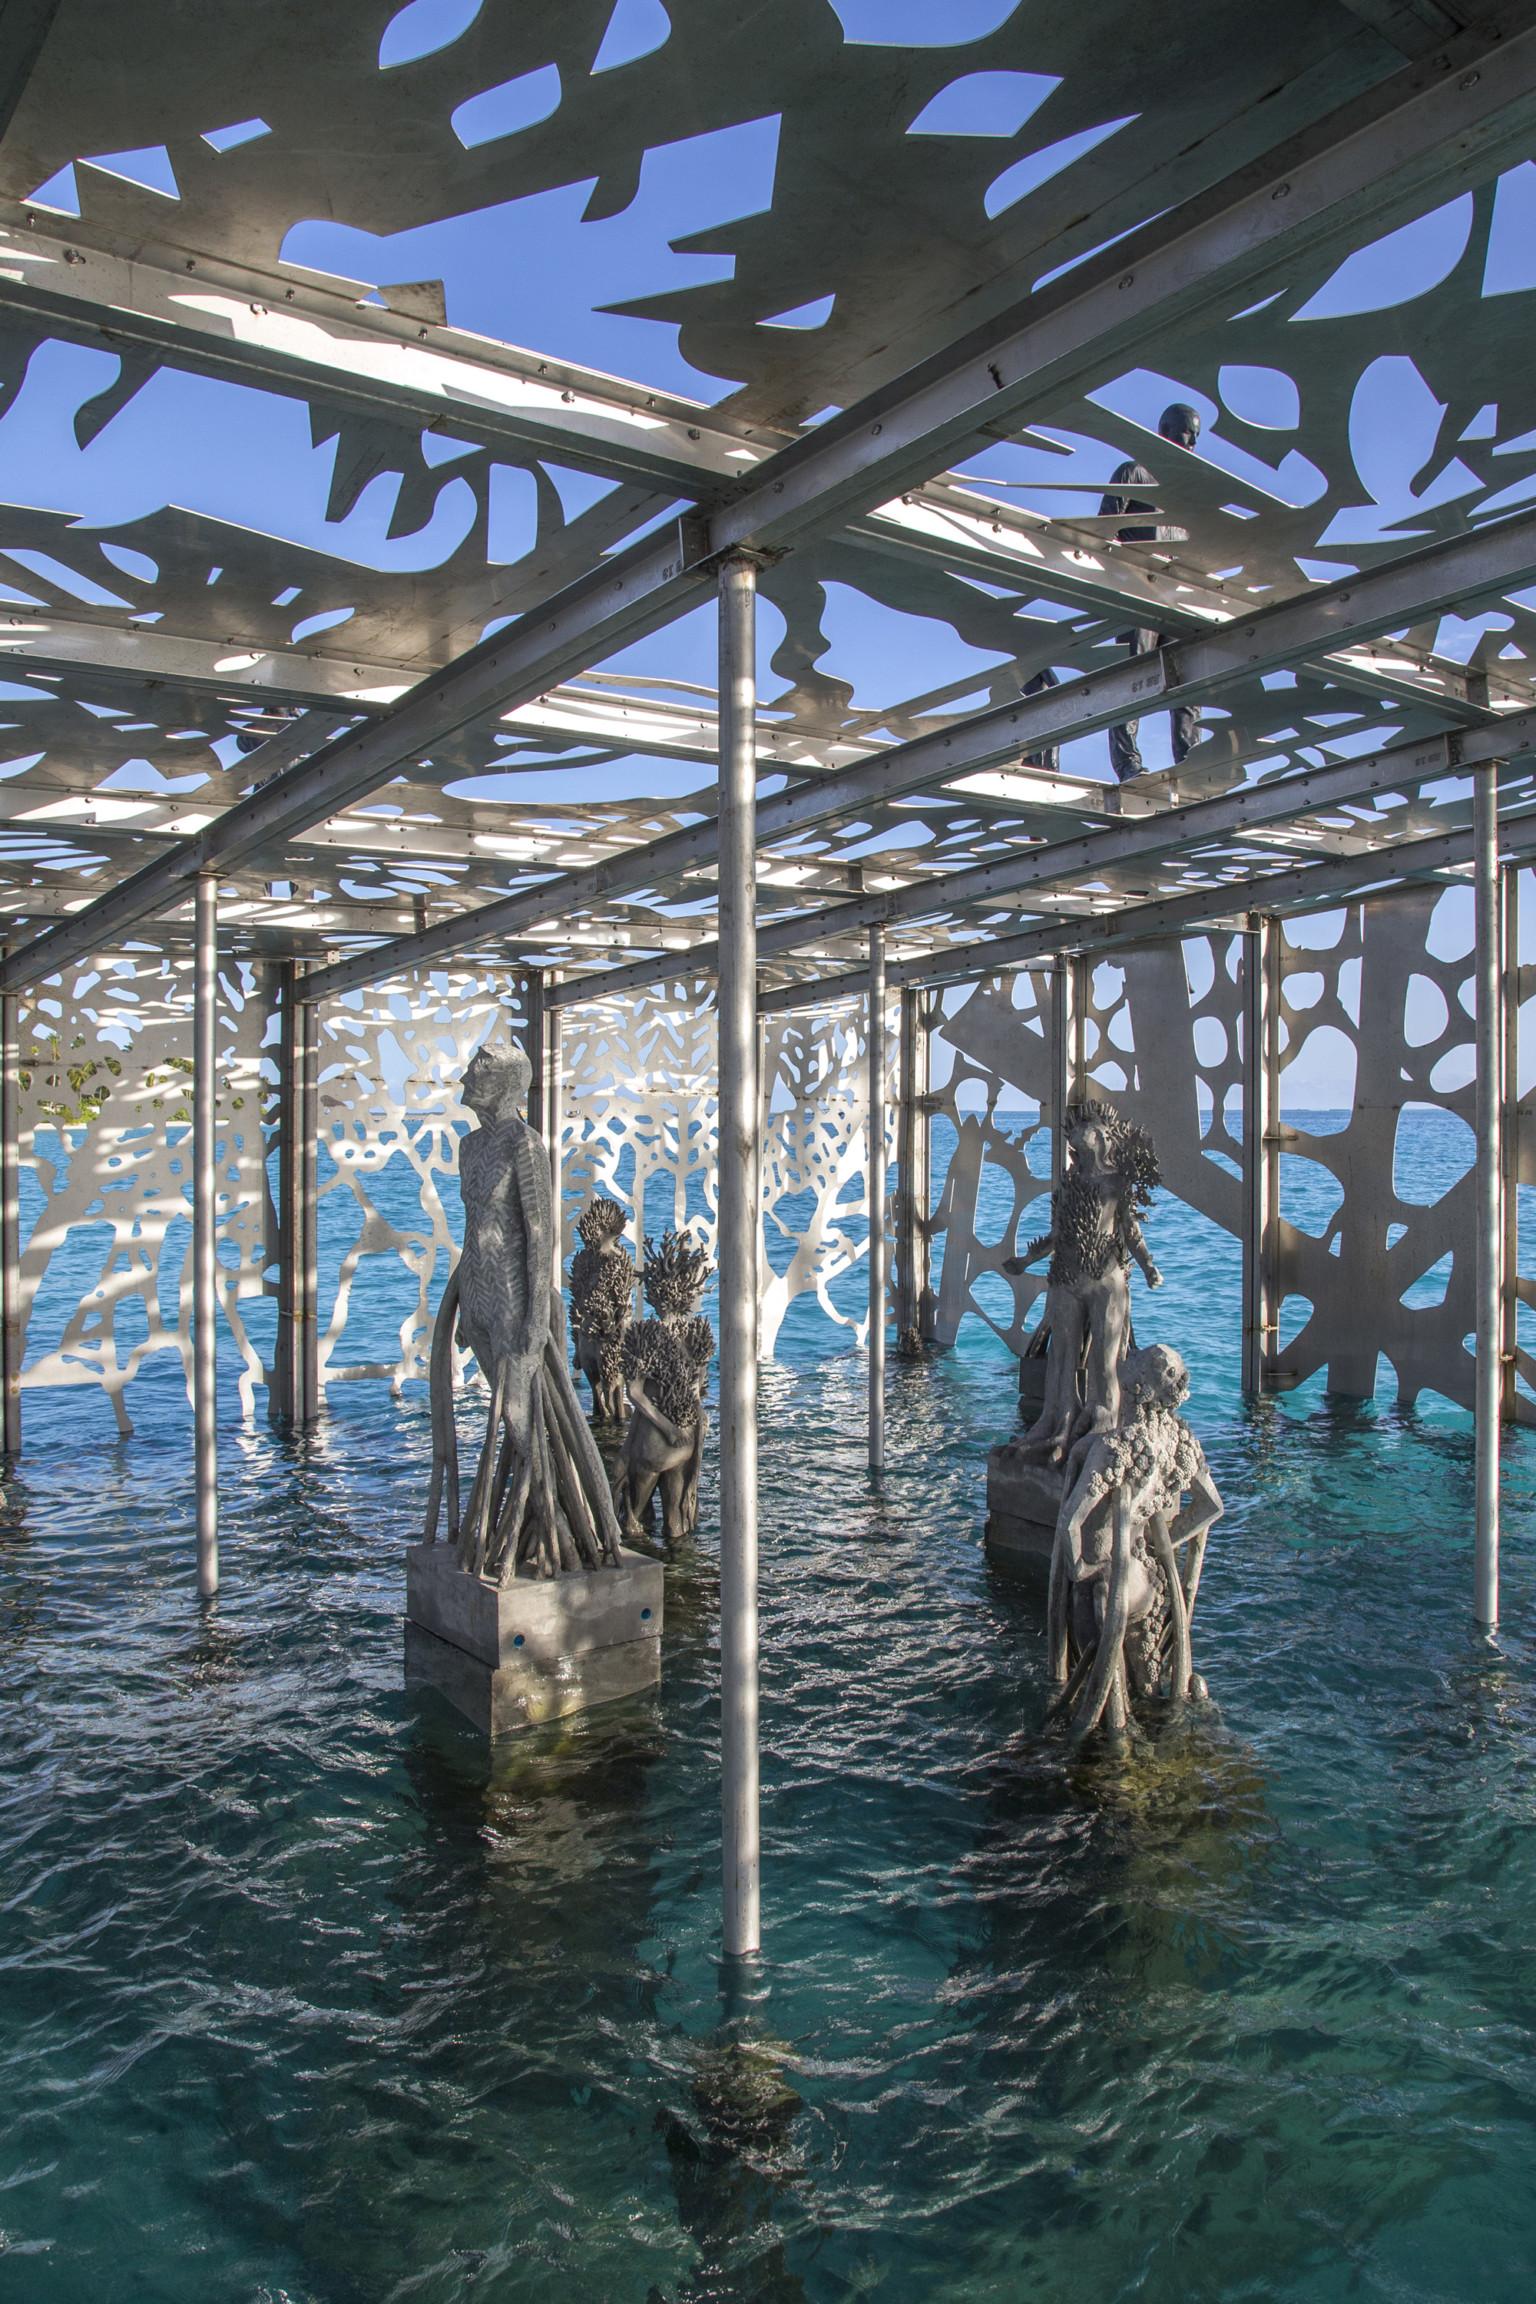 coralarium-7-768x1152@2x